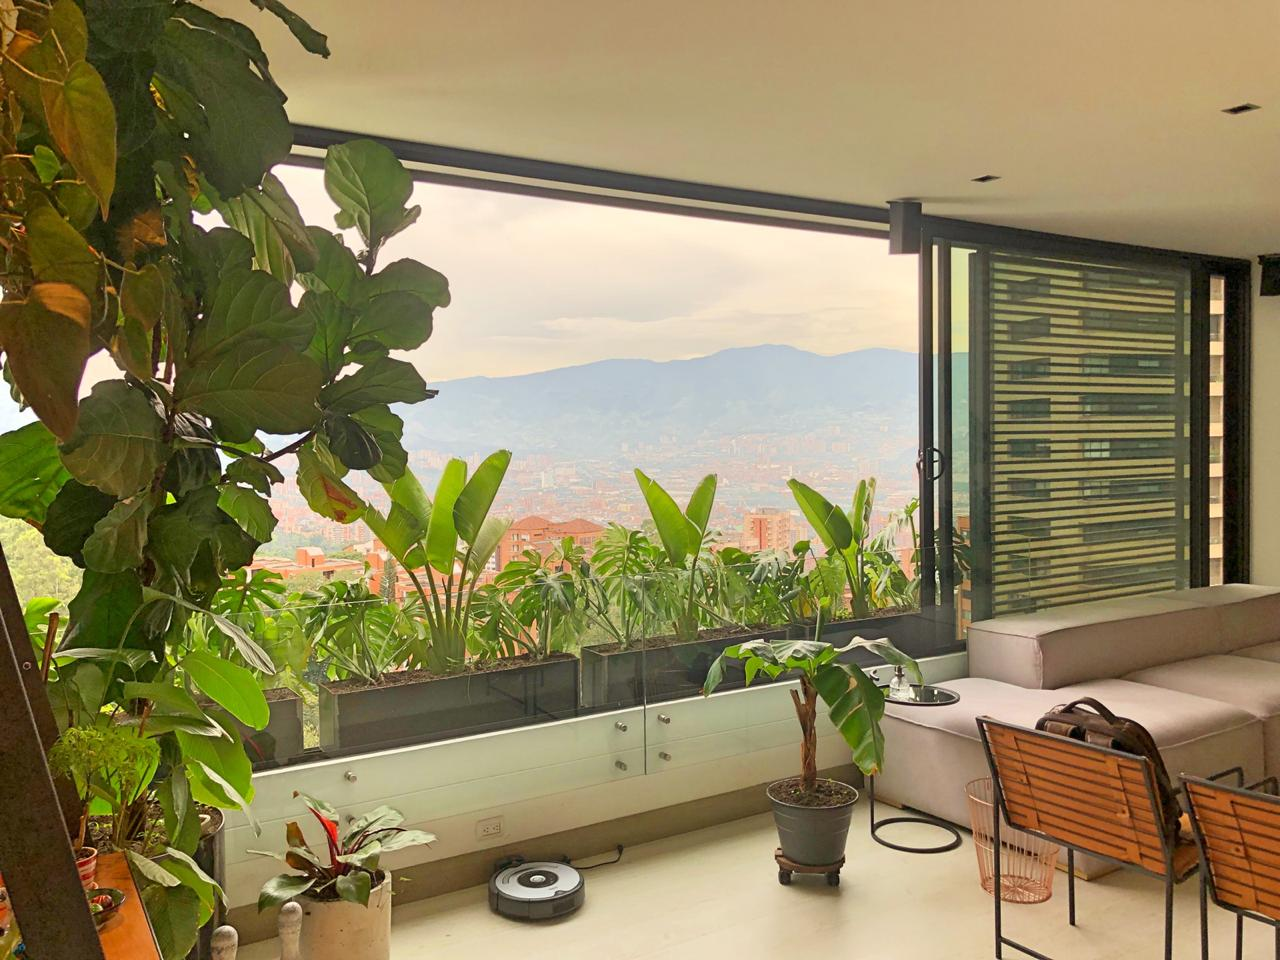 Property - image - UNIQUE ONE-BEDROOM STUDIO IN EL POBLADO